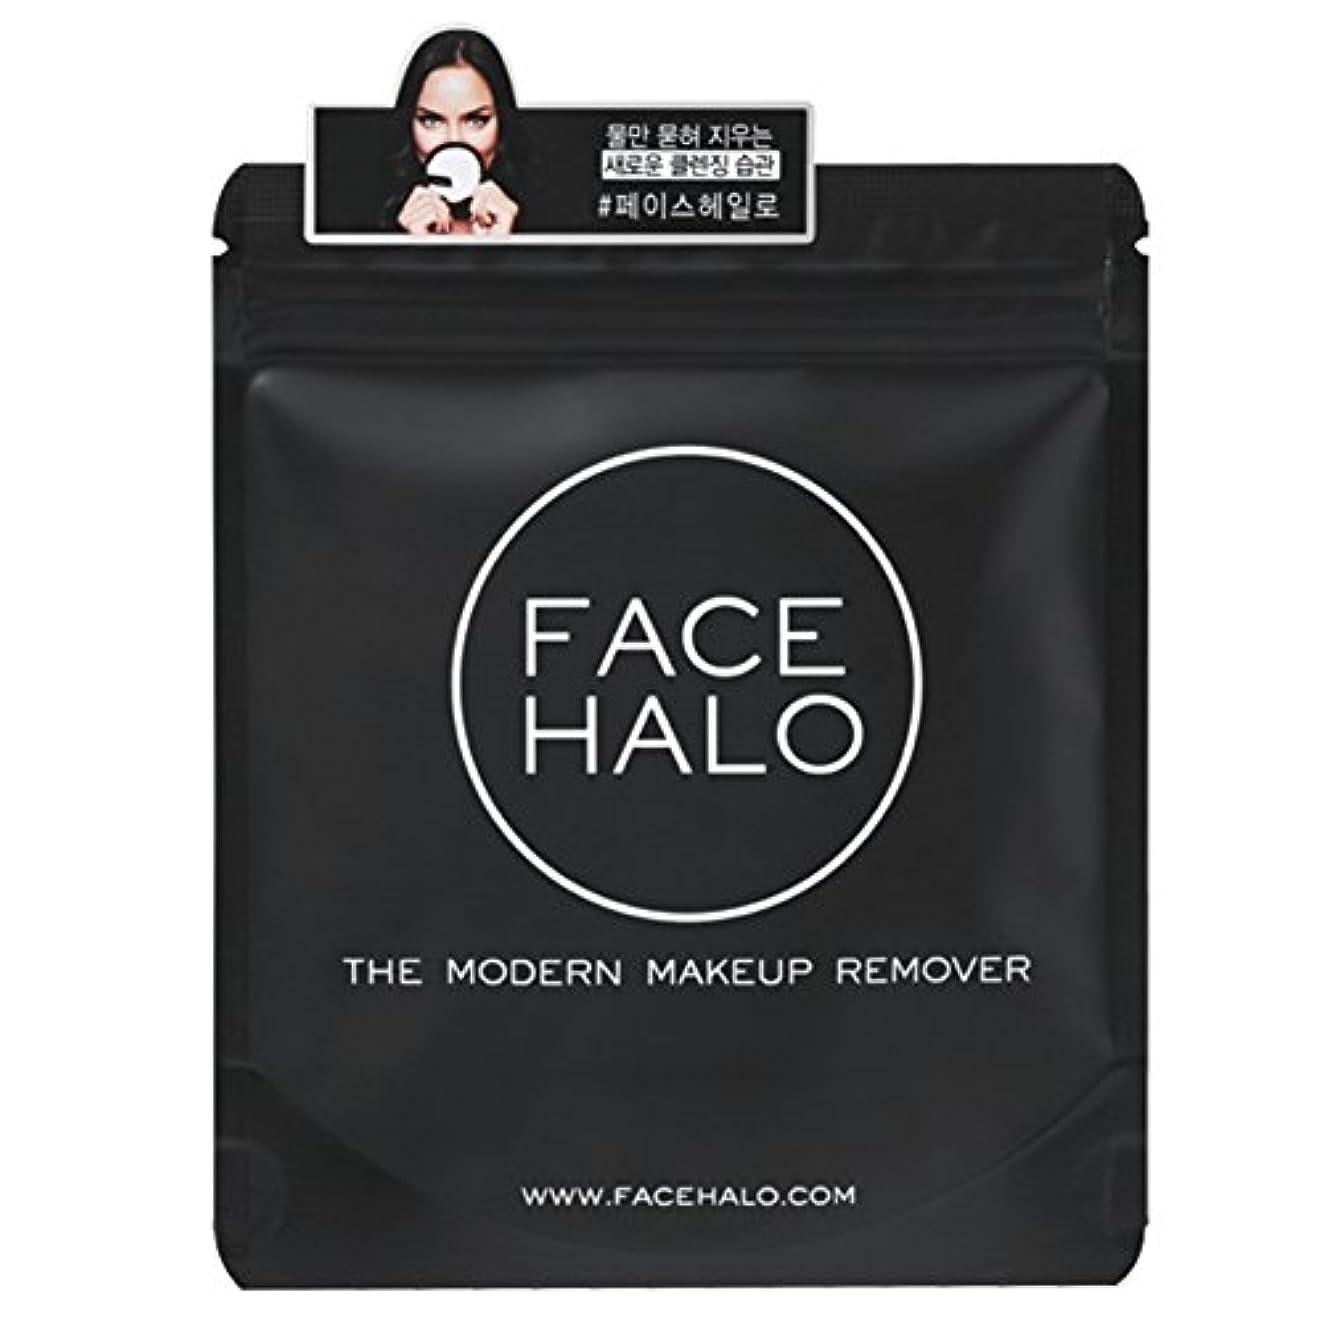 データベースニンニクボア(顔ハロー) FACE HALO makeup remover, using water only 1 pieceメイクアップリムーバー、水のみ使用 1枚(並行輸入品) [並行輸入品]